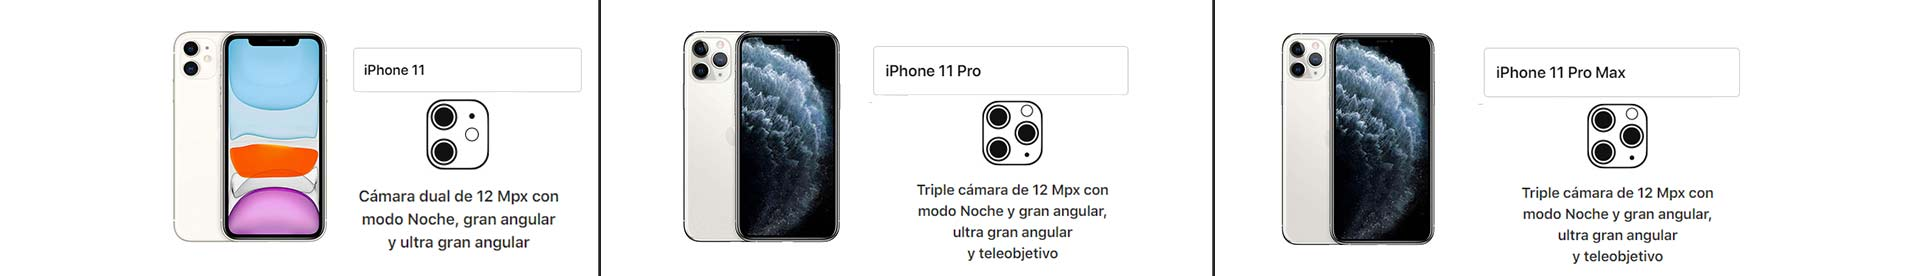 Diferencias-entre-las-cámaras-del-nuevo-iPhone-11